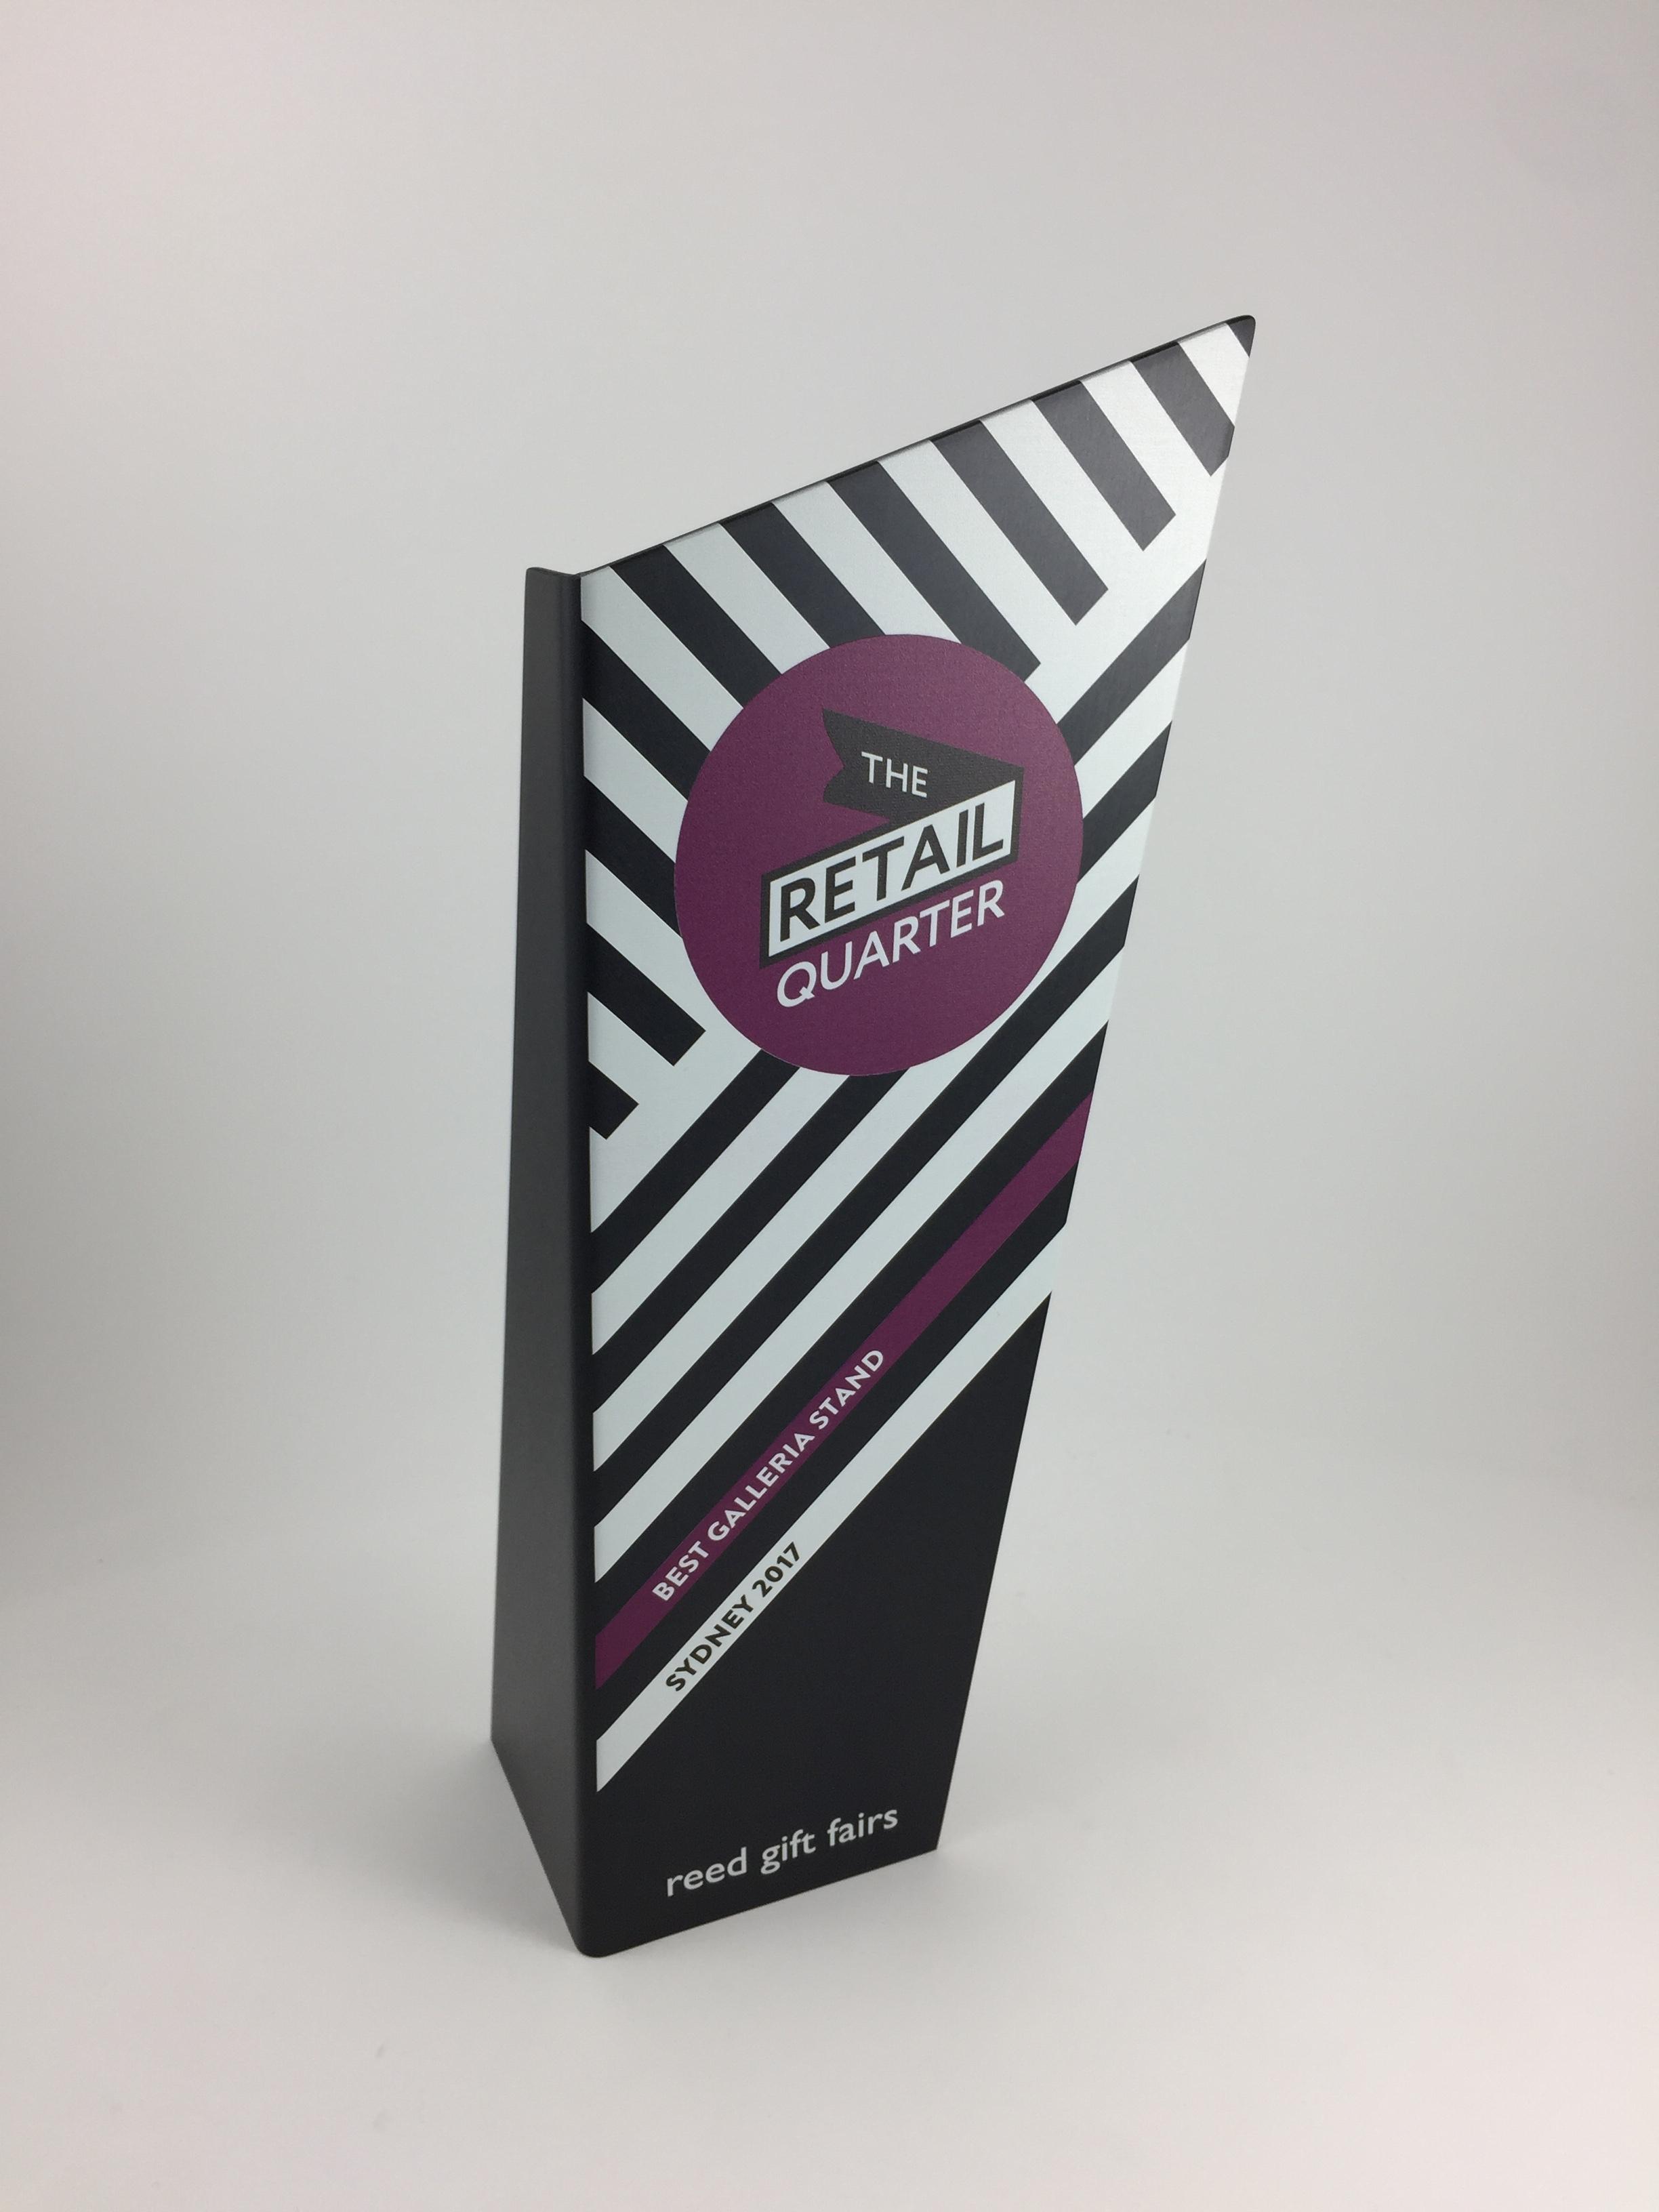 reed-gift-fairs-aluminium-trophy-award-03.jpg